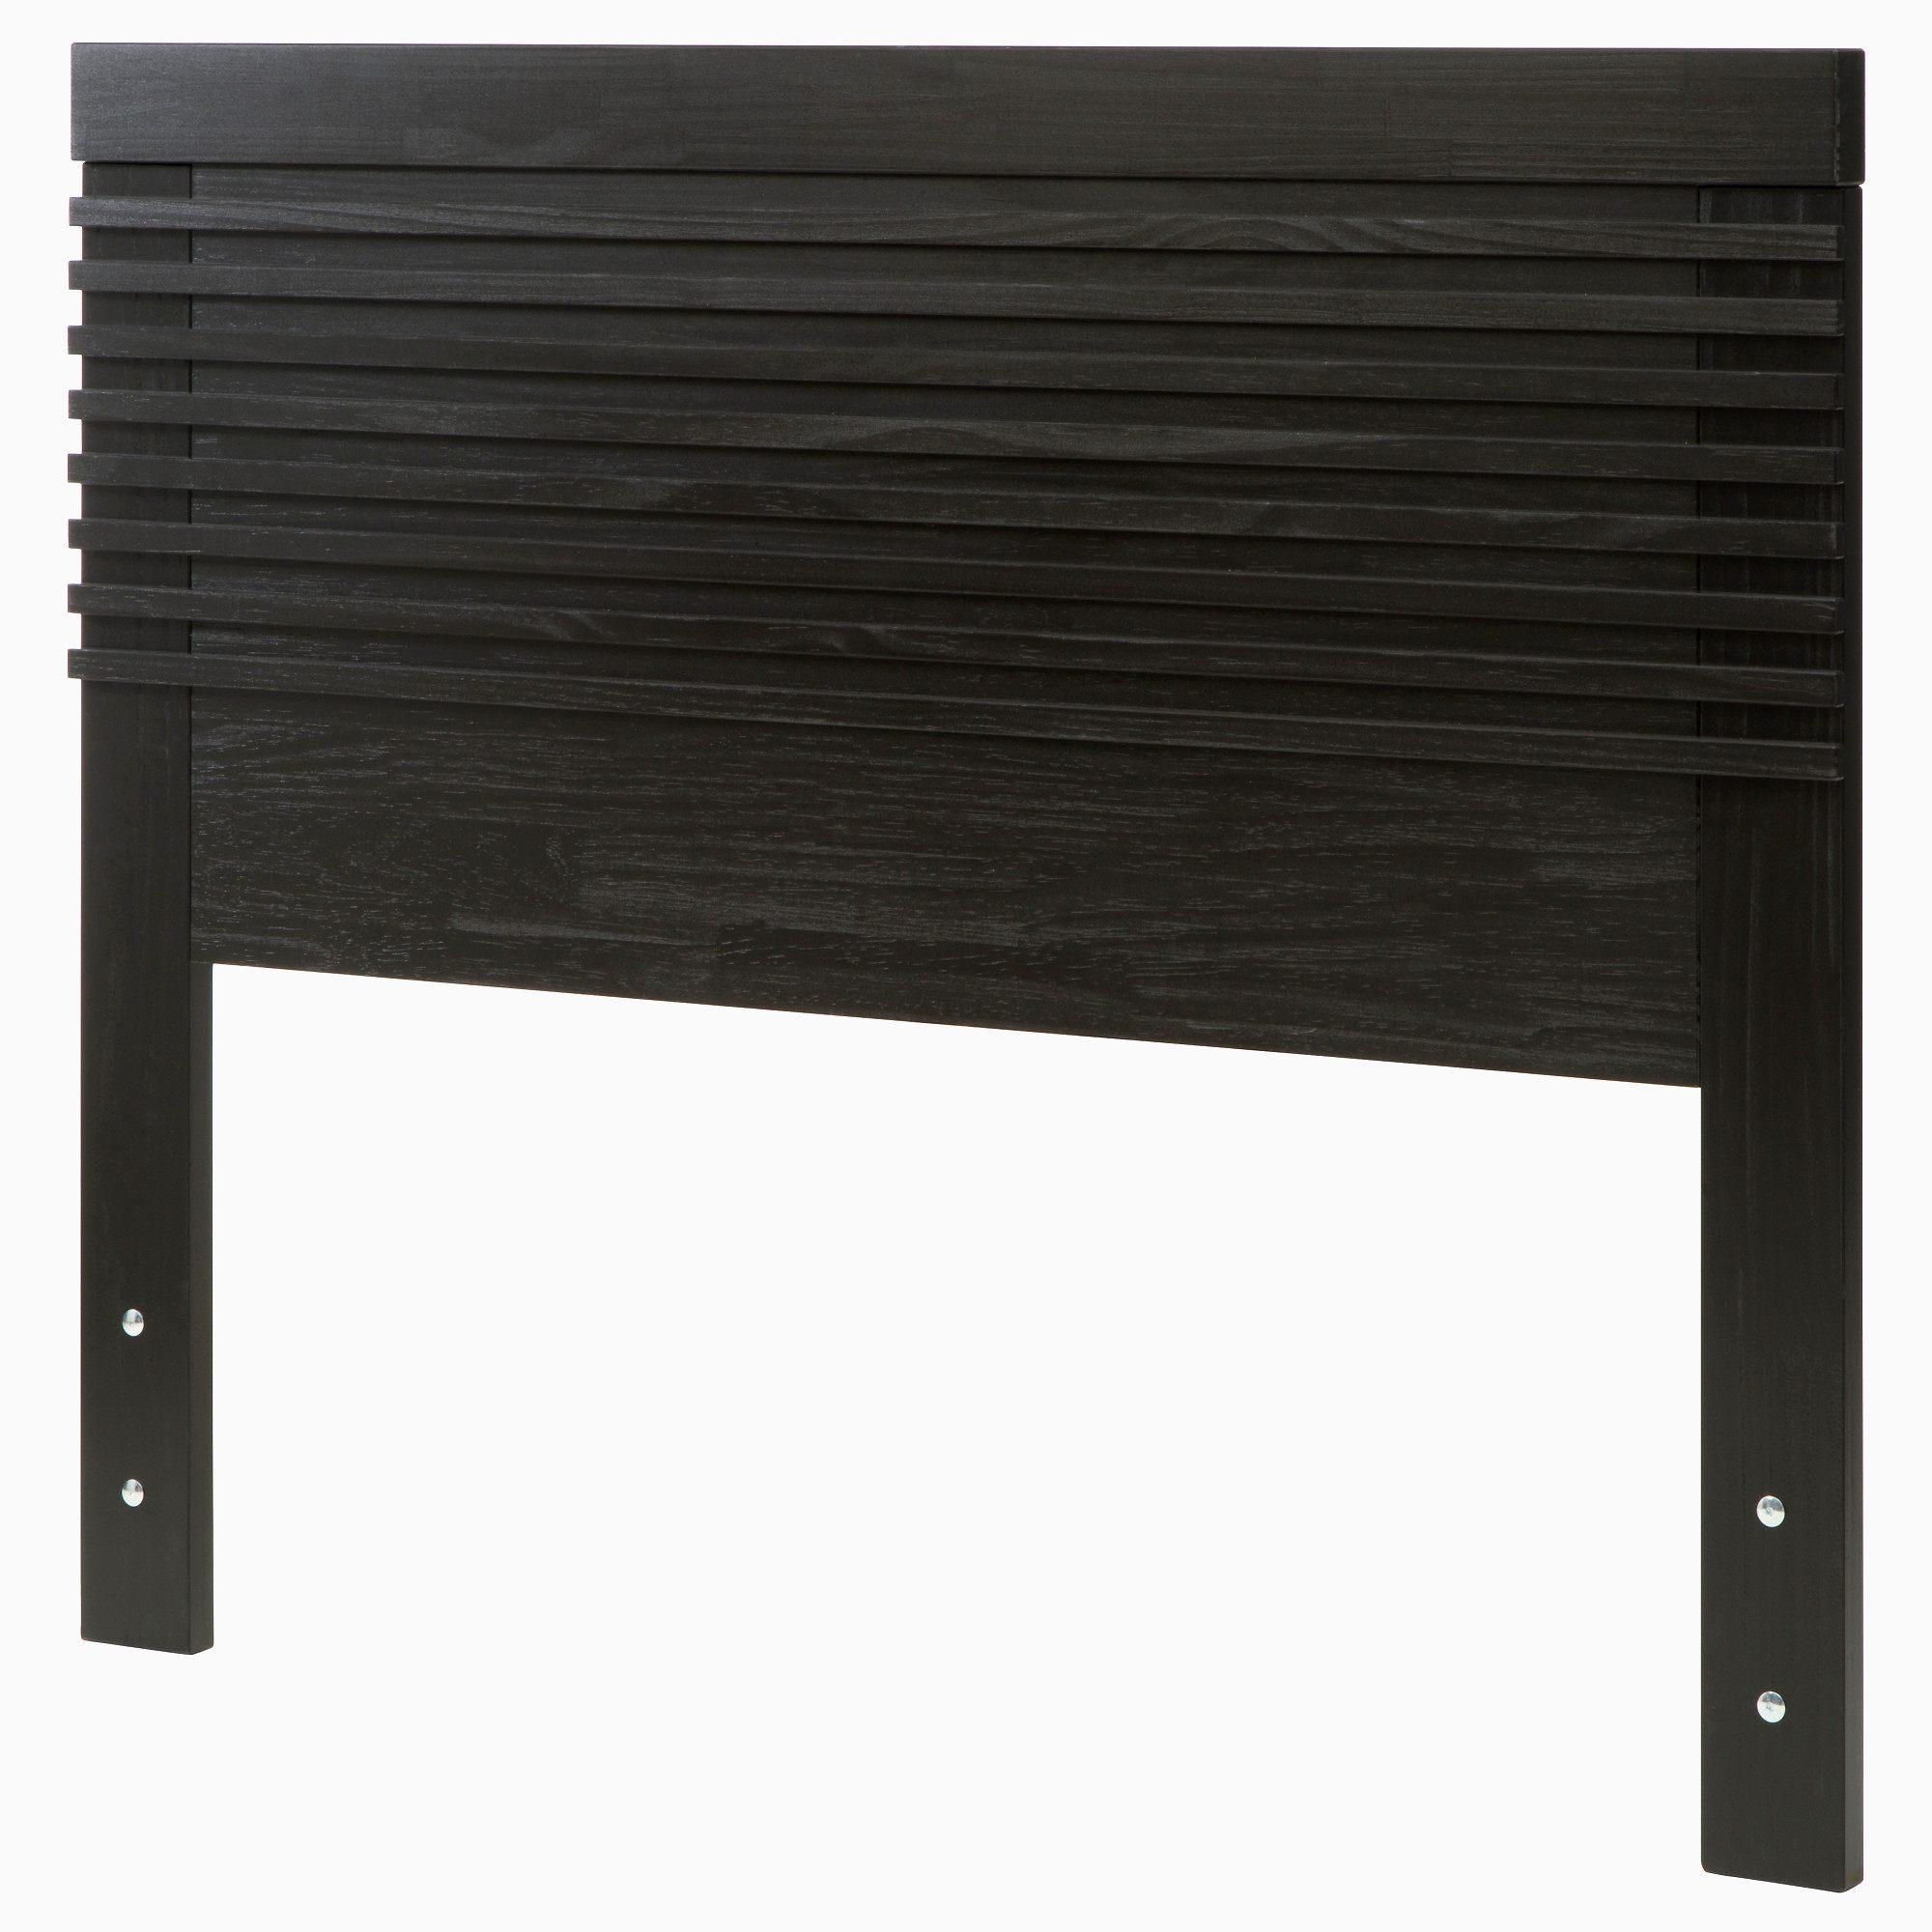 Tete De Lit Ikea Brimnes Magnifique Tete De Lit Rangement 160 Ikea Tete De Lit 160 Meilleur De Image